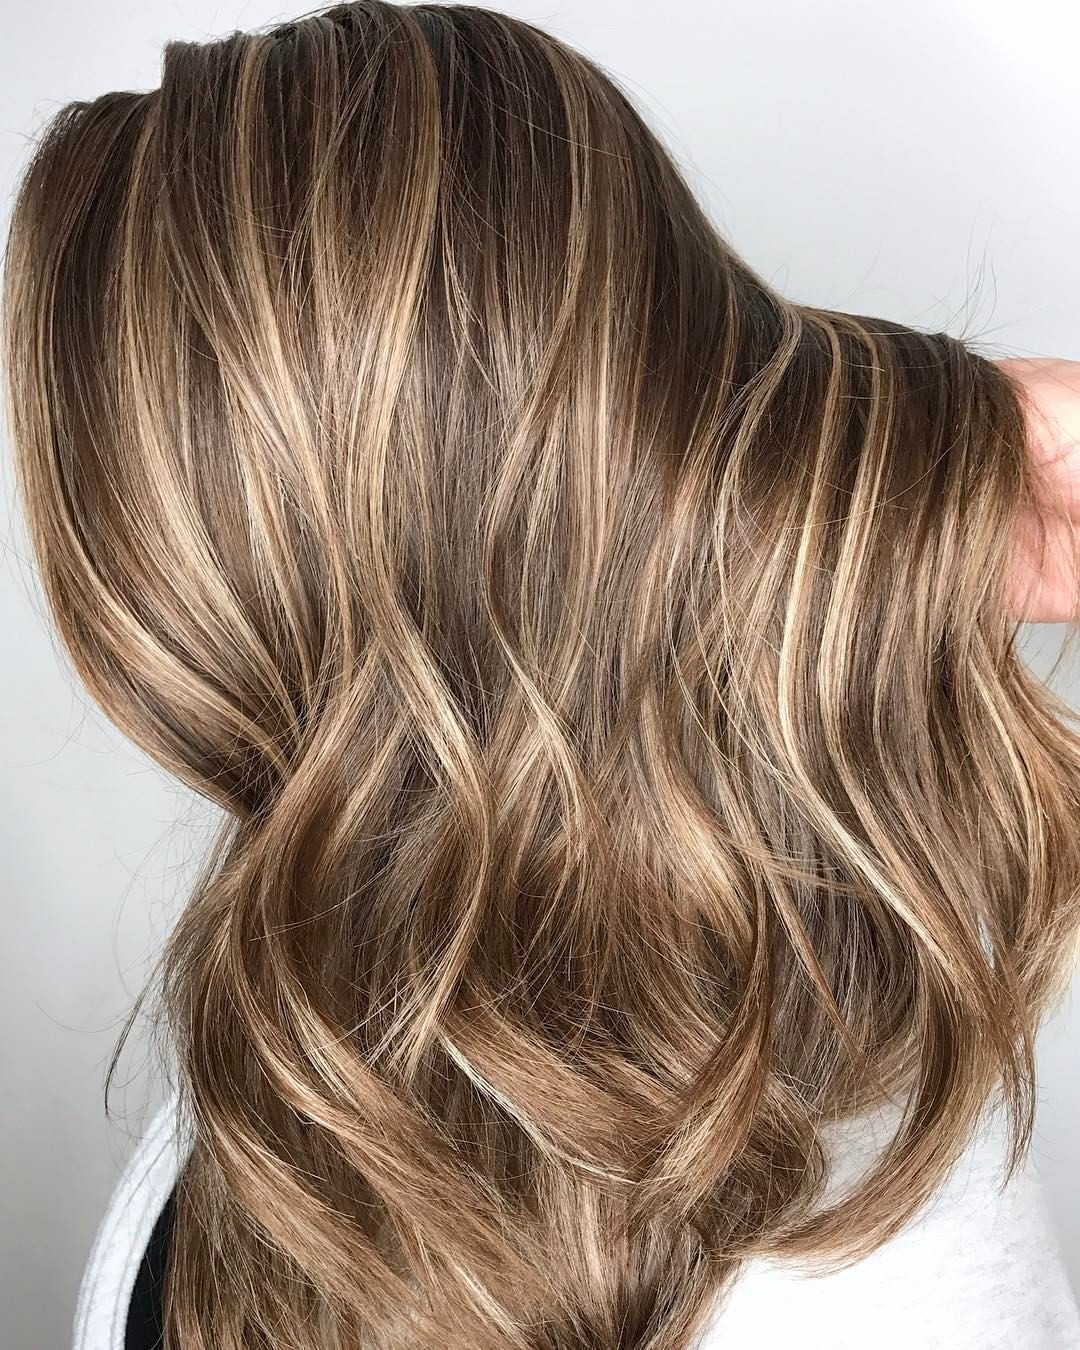 Pin By Carrie Howard On Hair Brown Blonde Hair Brown